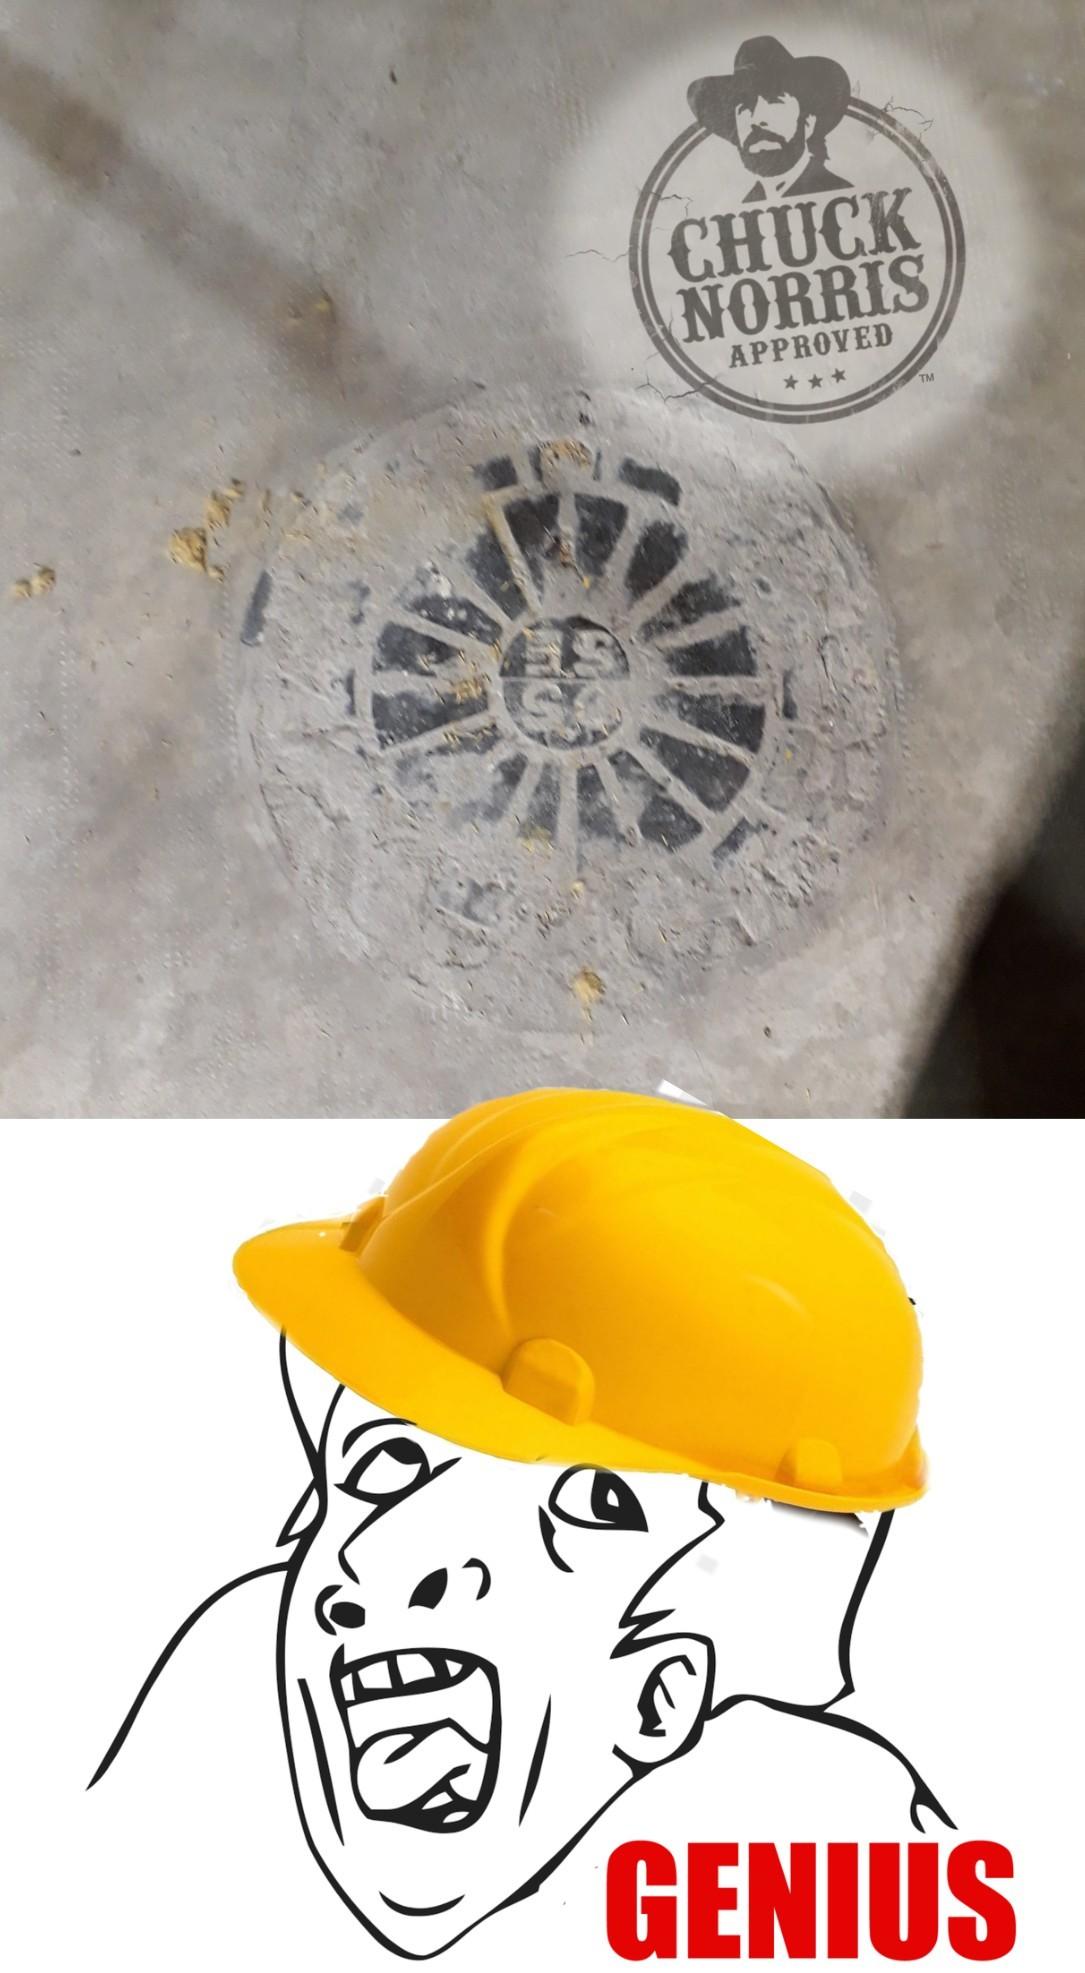 Para el que no entienda, la tapa del alcantarillado quedo cubierta de cemento y no se puede abrir. - meme